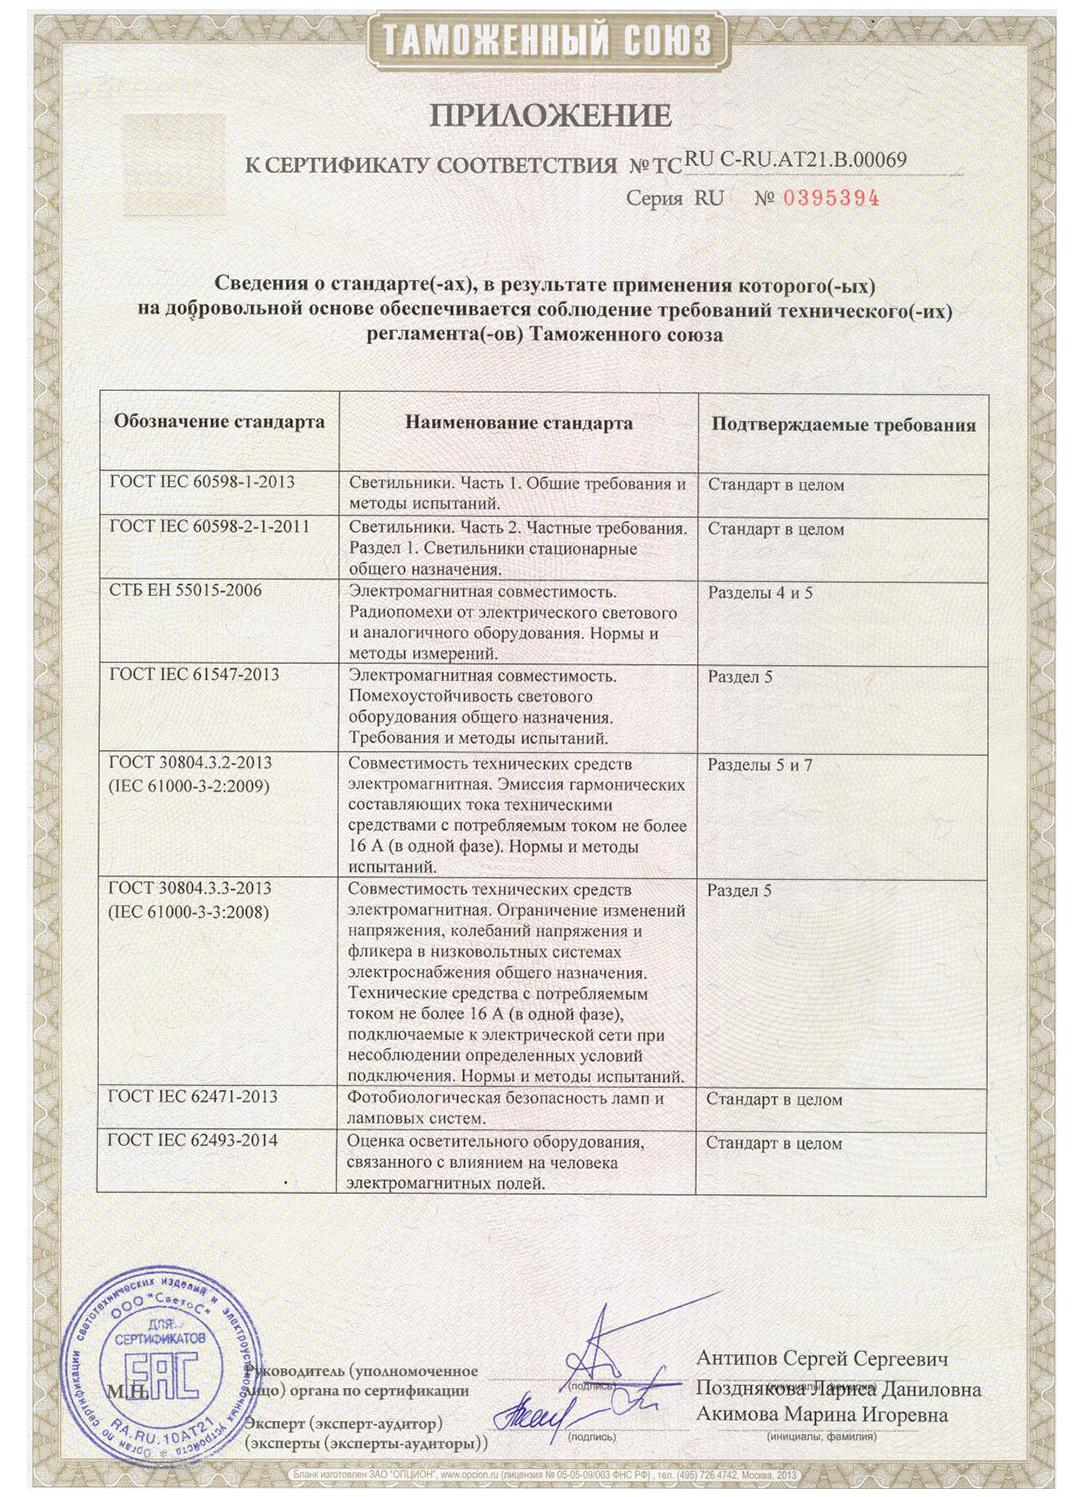 Сертификат соответствия Таможенного союза на светильники ПСС Радиант. Приложение 2